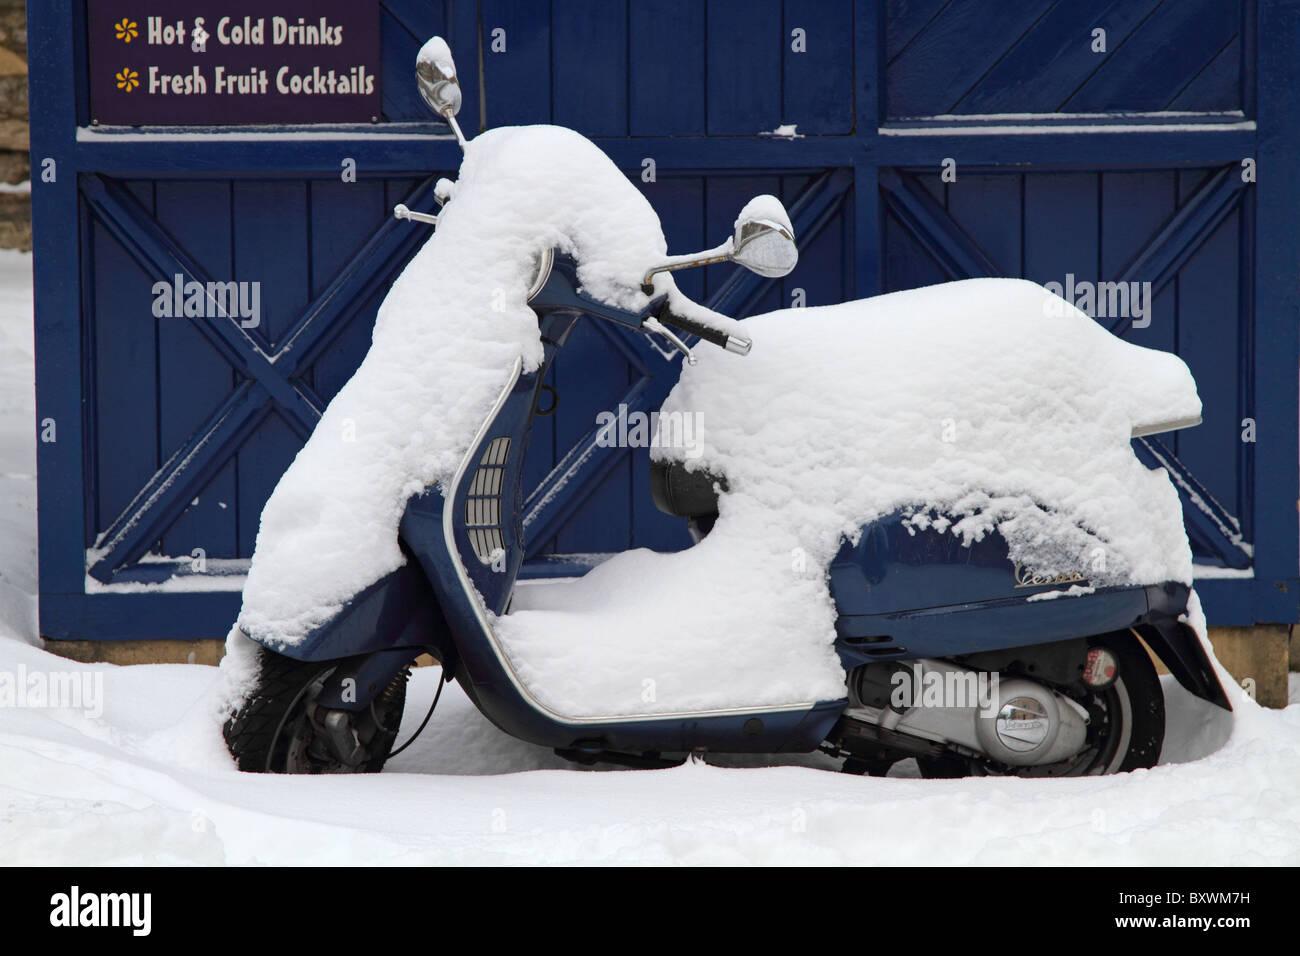 Verschneite Vespa Roller Motorrad Fahrzeug Winterschnee Stockbild